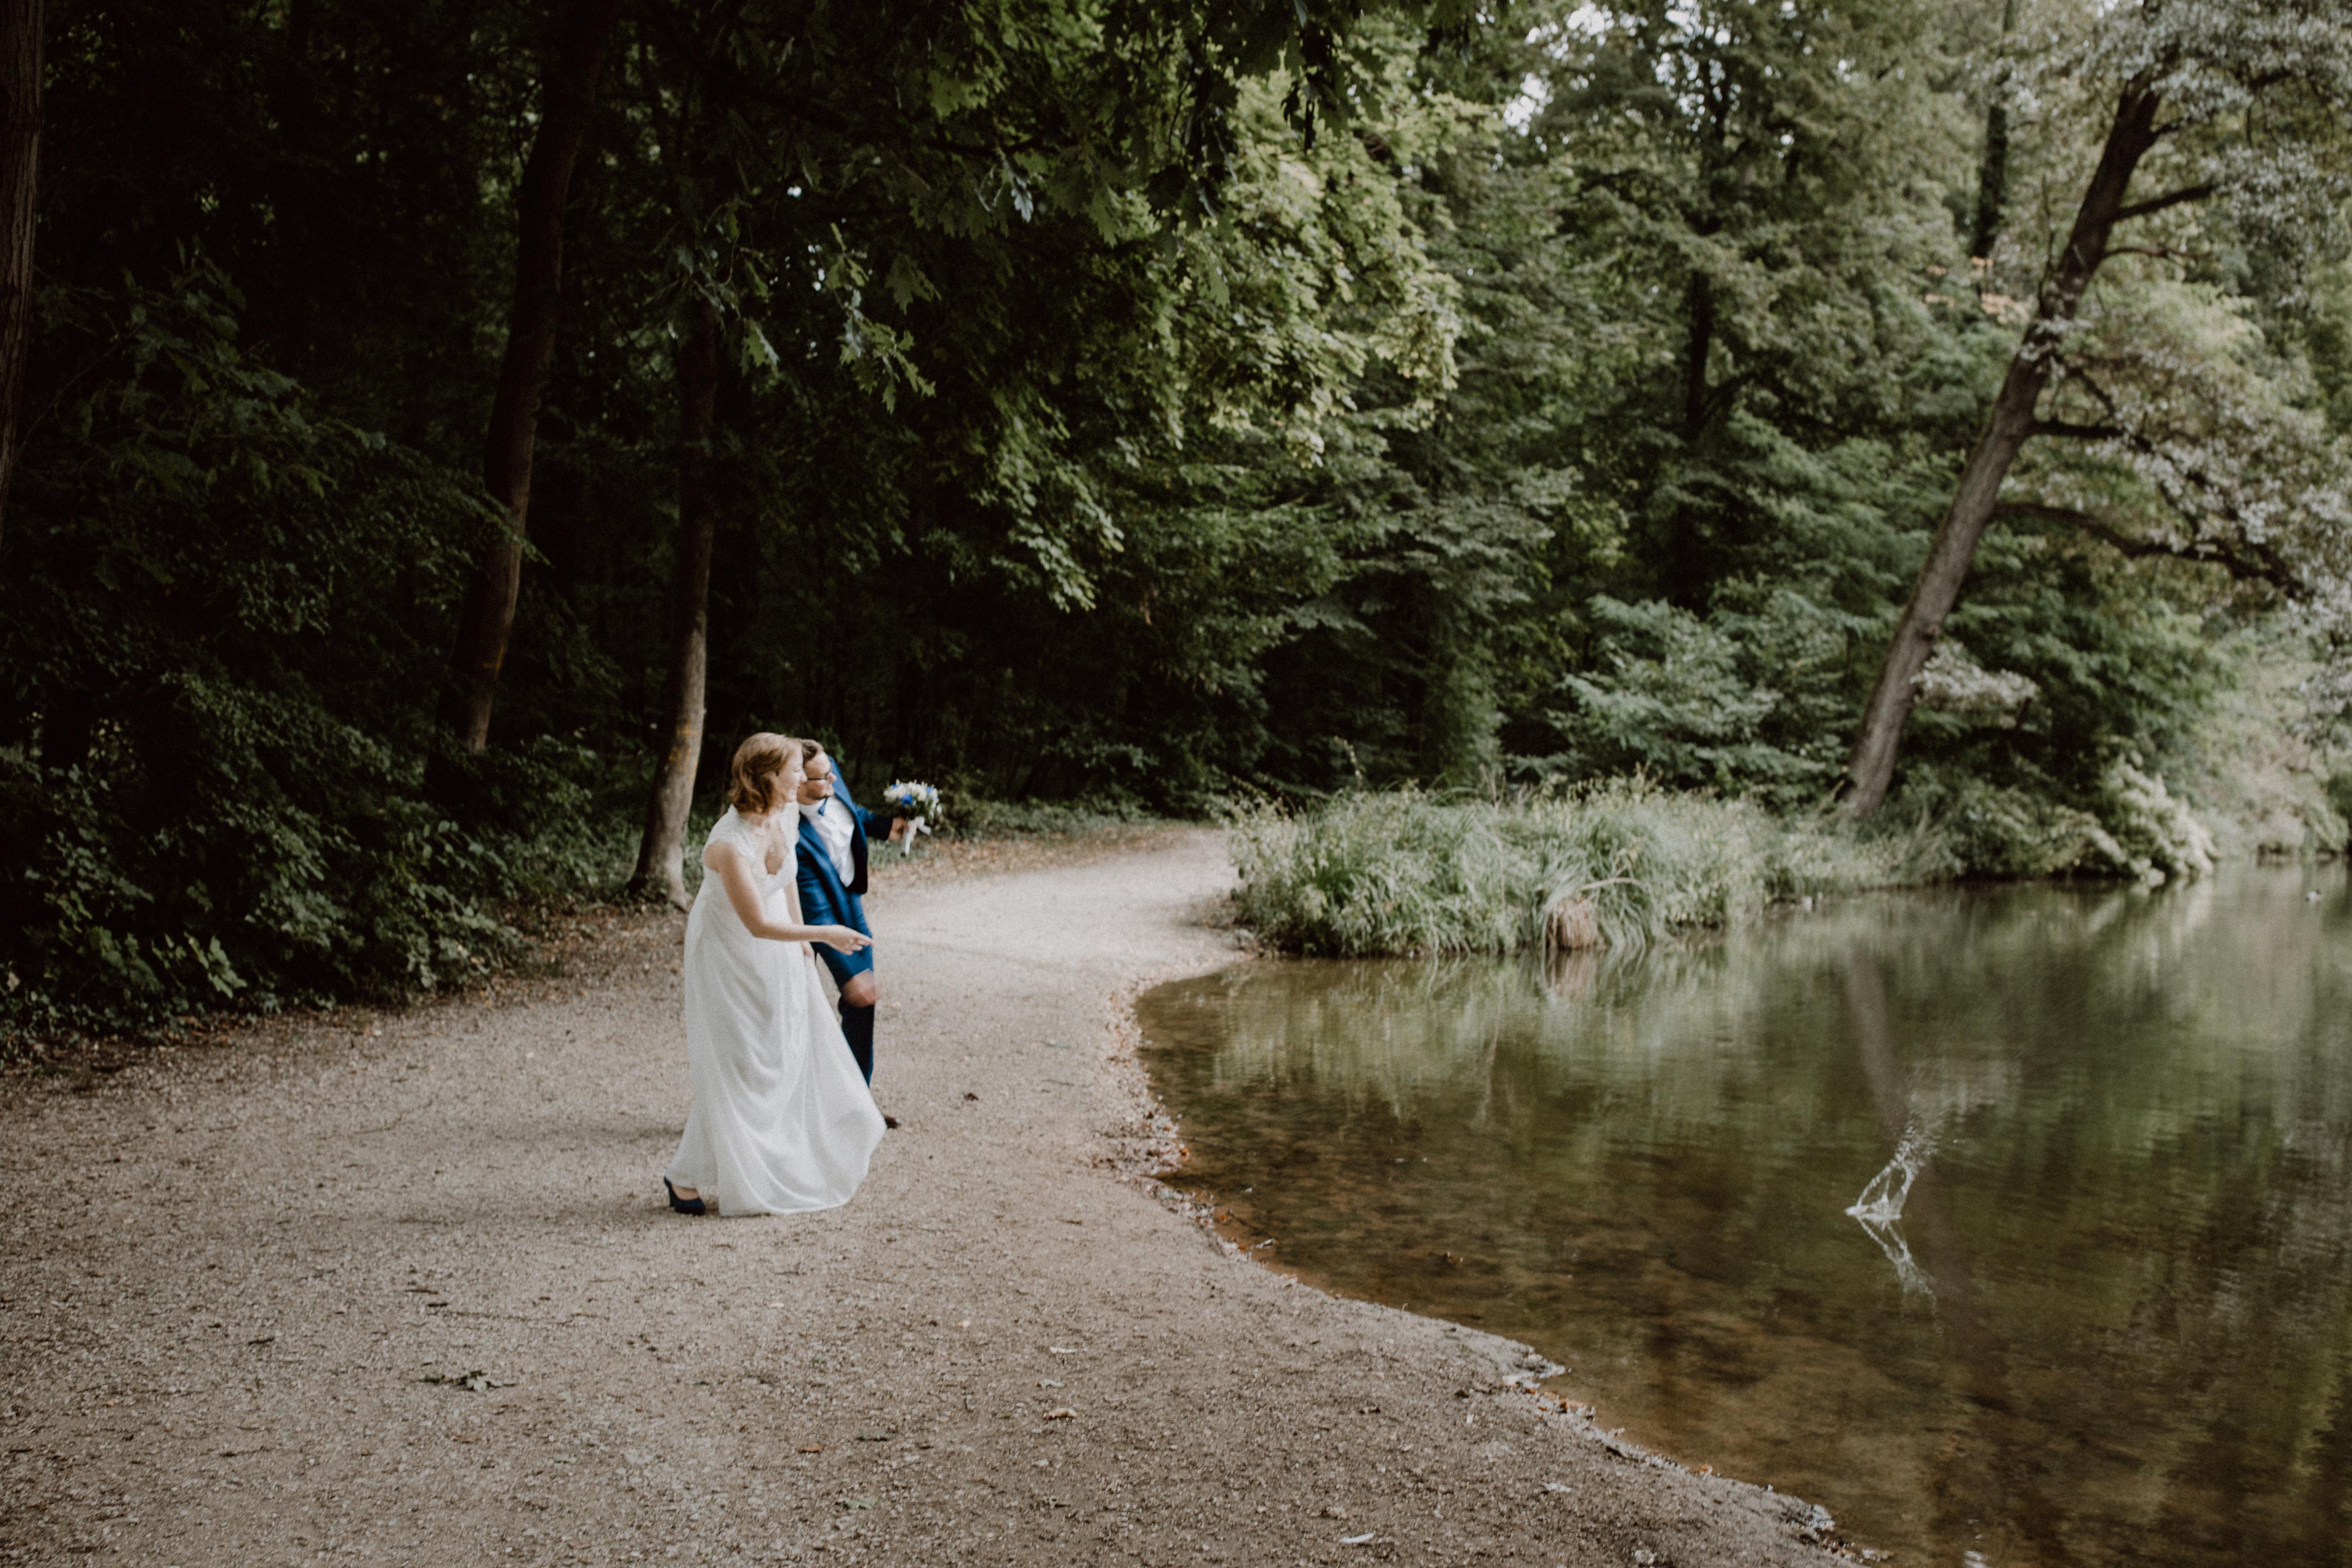 URBANERIE_Daniela_Goth_Hochzeitsfotografin_Nürnberg_Fürth_Erlangen_Schwabach_17907_0471